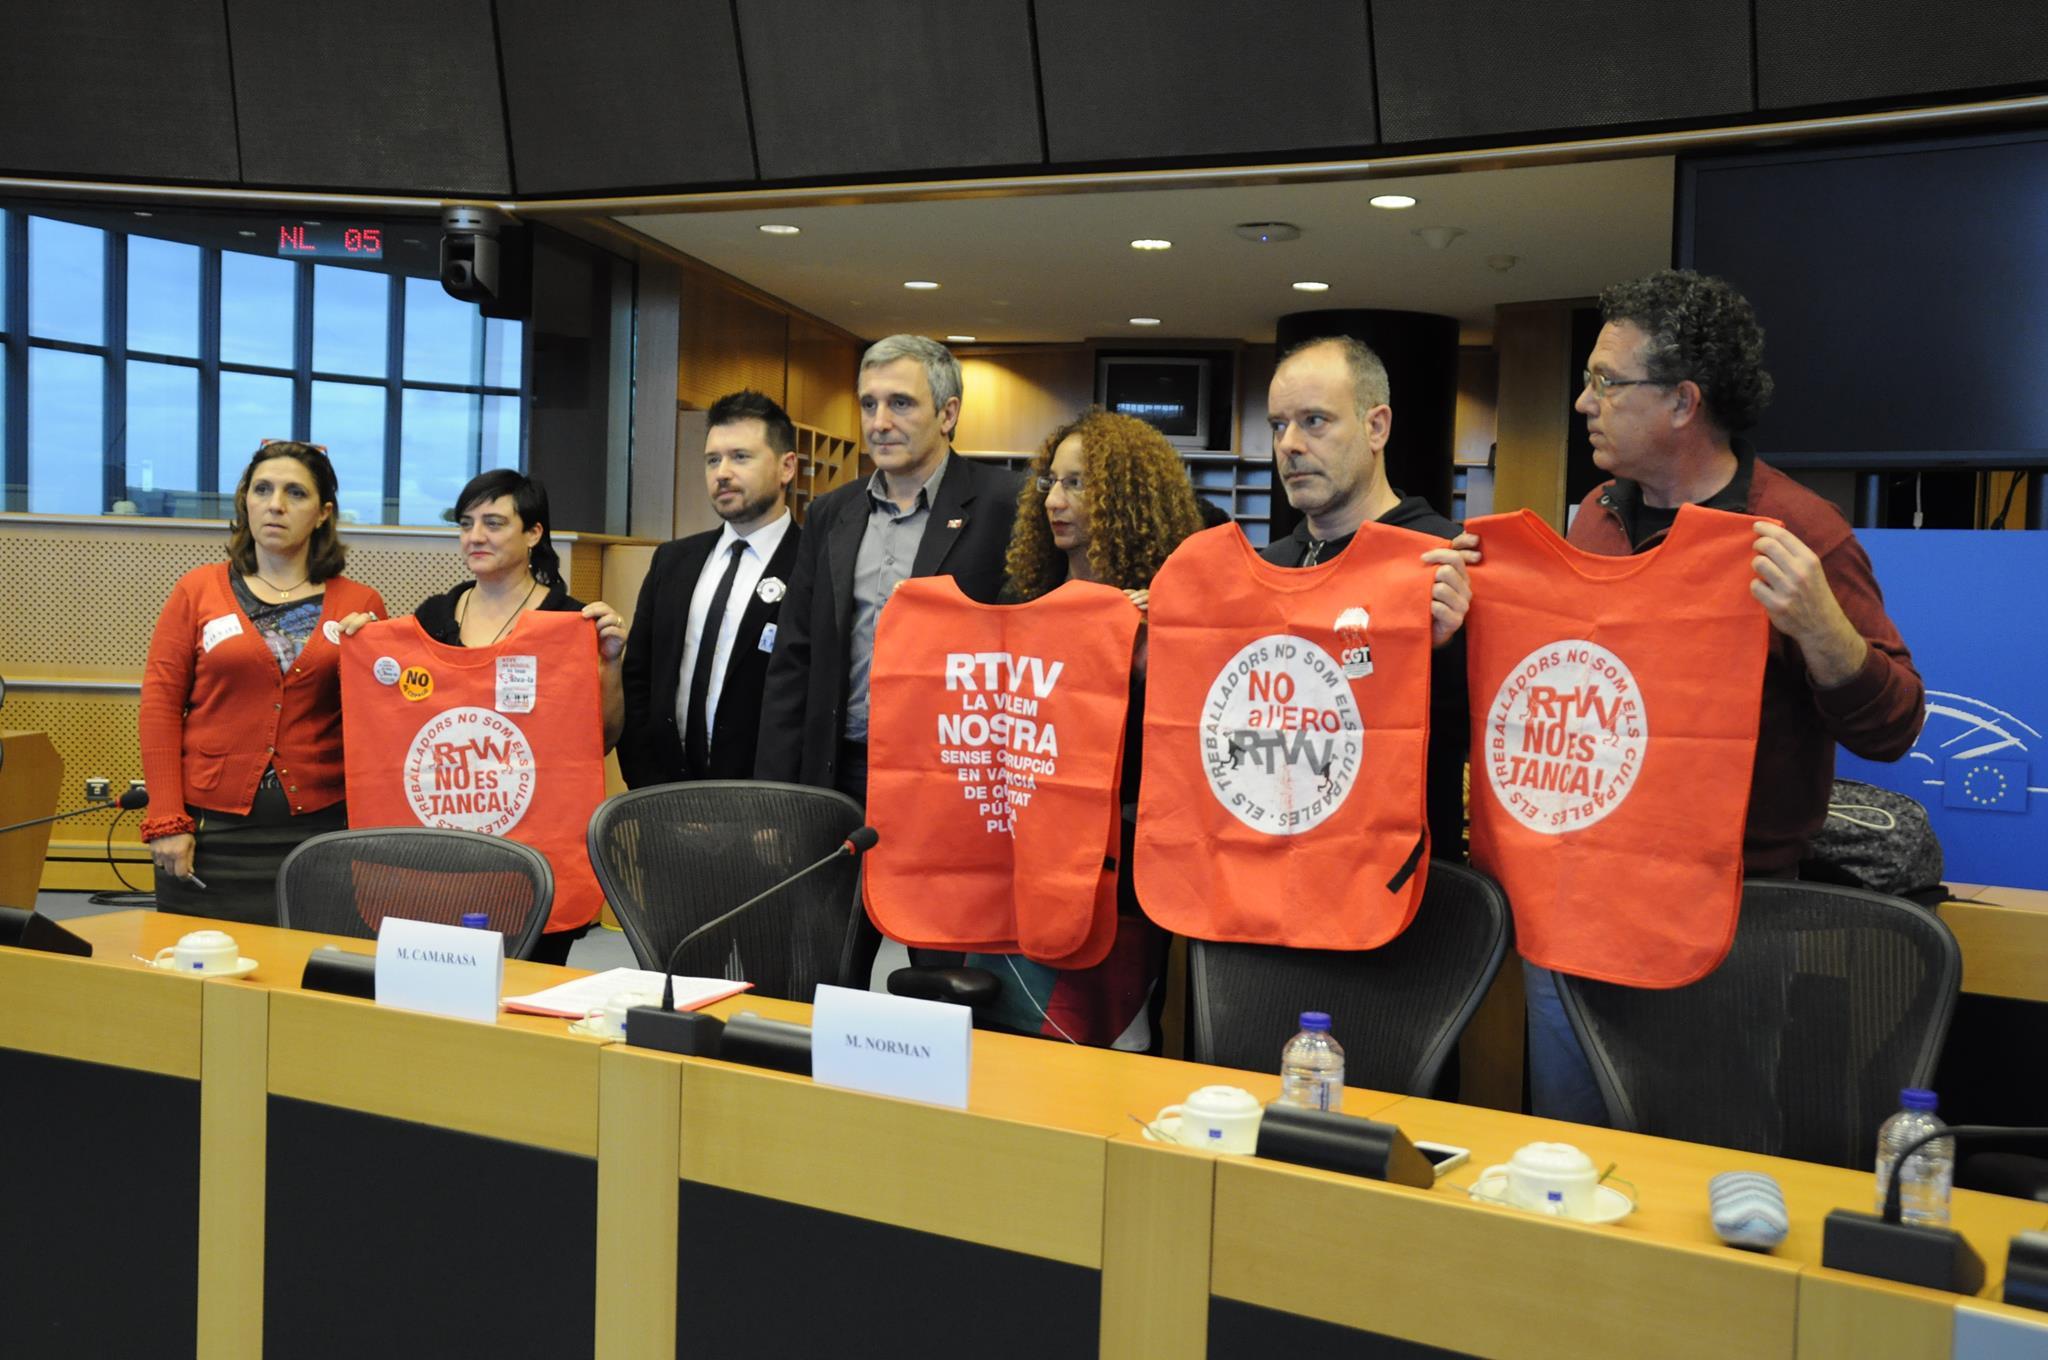 El tancament de RTVV es explicat al Parlament Europeu